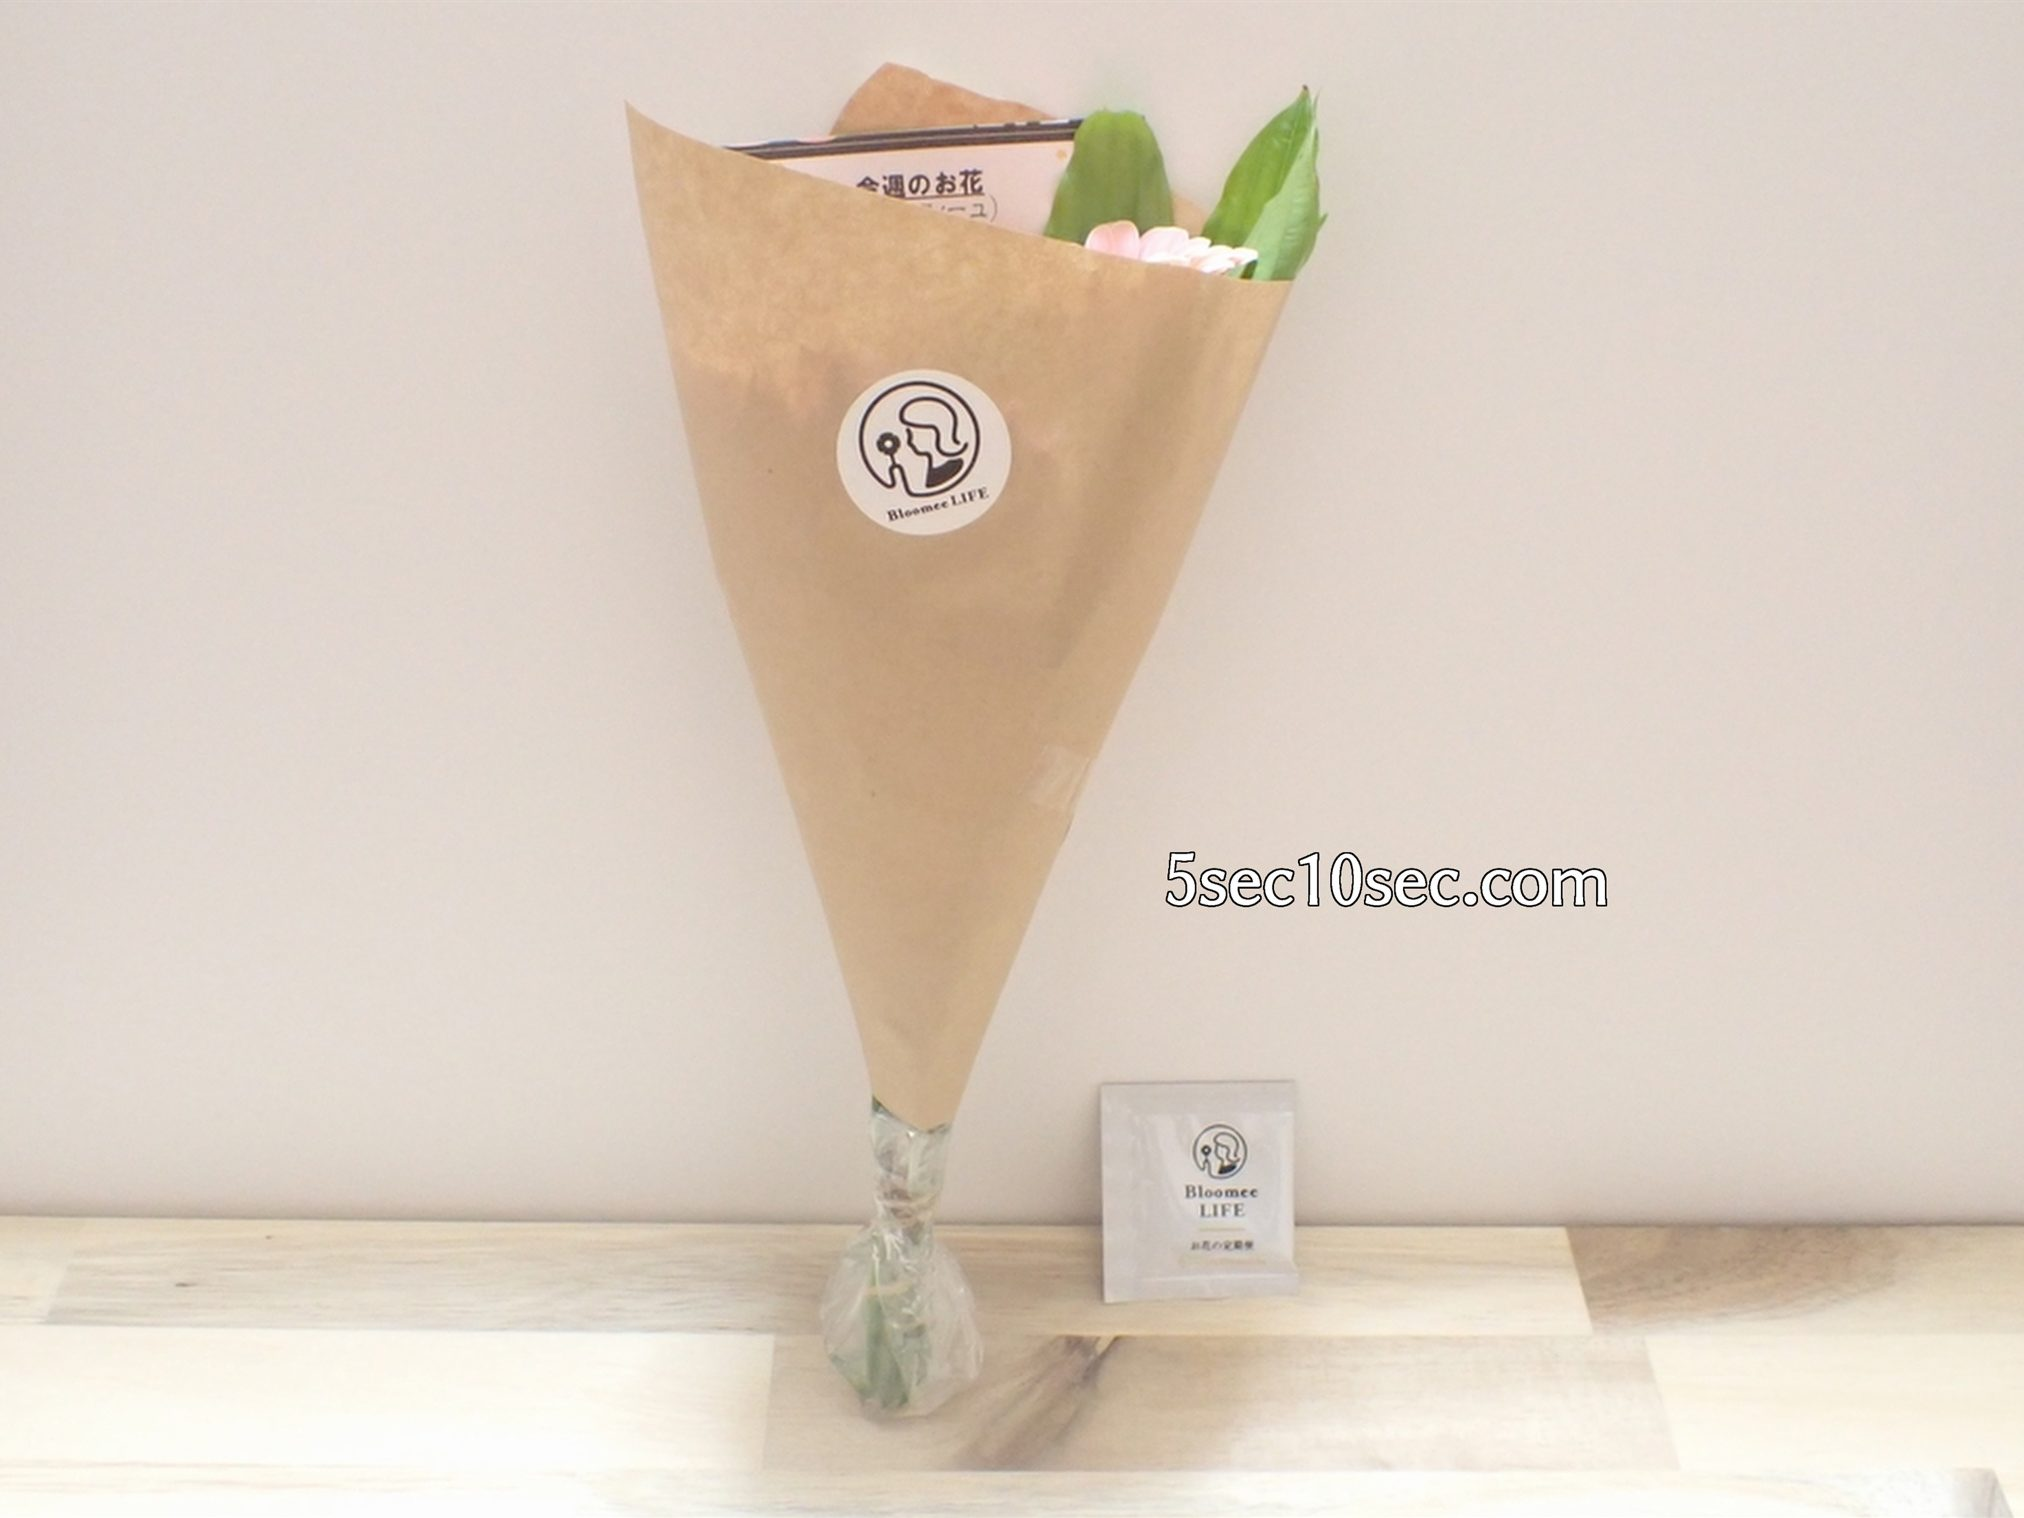 株式会社Crunch Style お花の定期便 Bloomee LIFE ブルーミーライフ レギュラープラン 届いたパッケージを開封した写真、開封写真